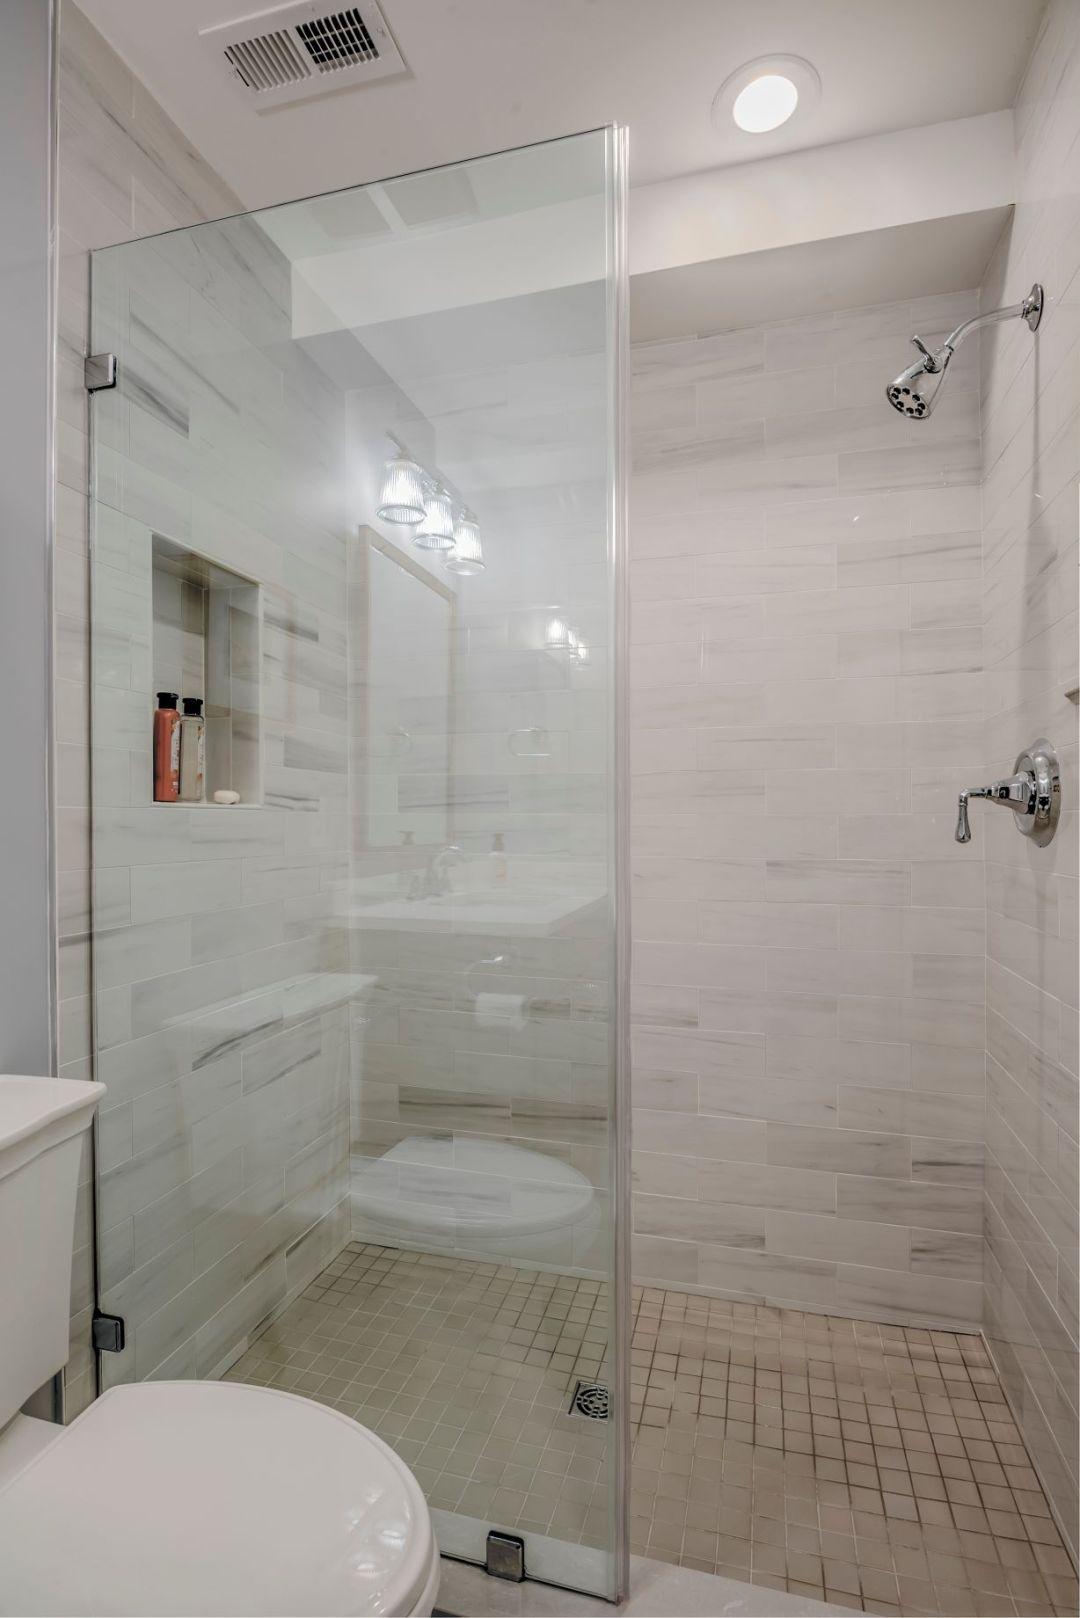 Bathroom Remodel in Kings Grant, Fenwick Island DE with Frameless Shower Door